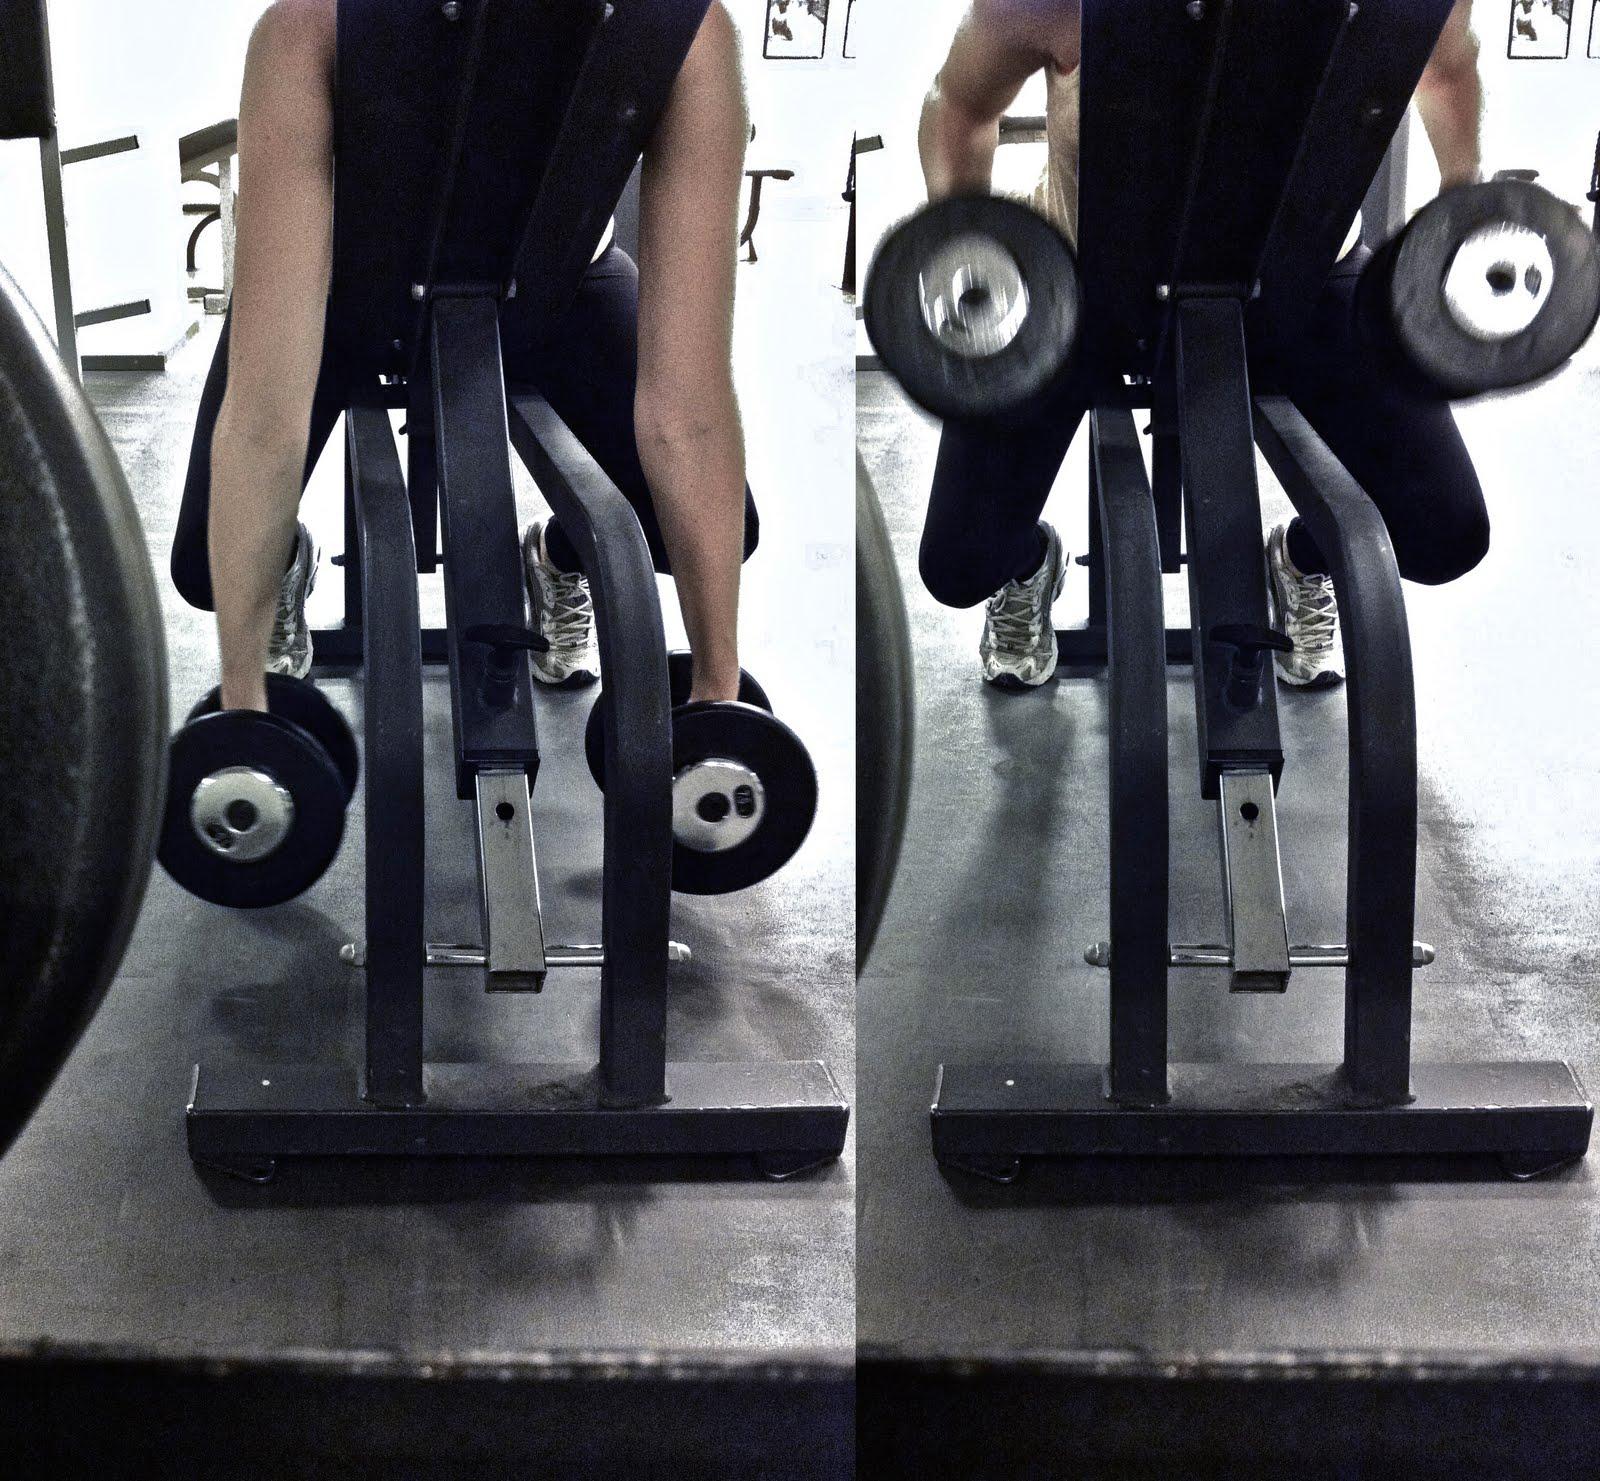 mage rygg övningar gym